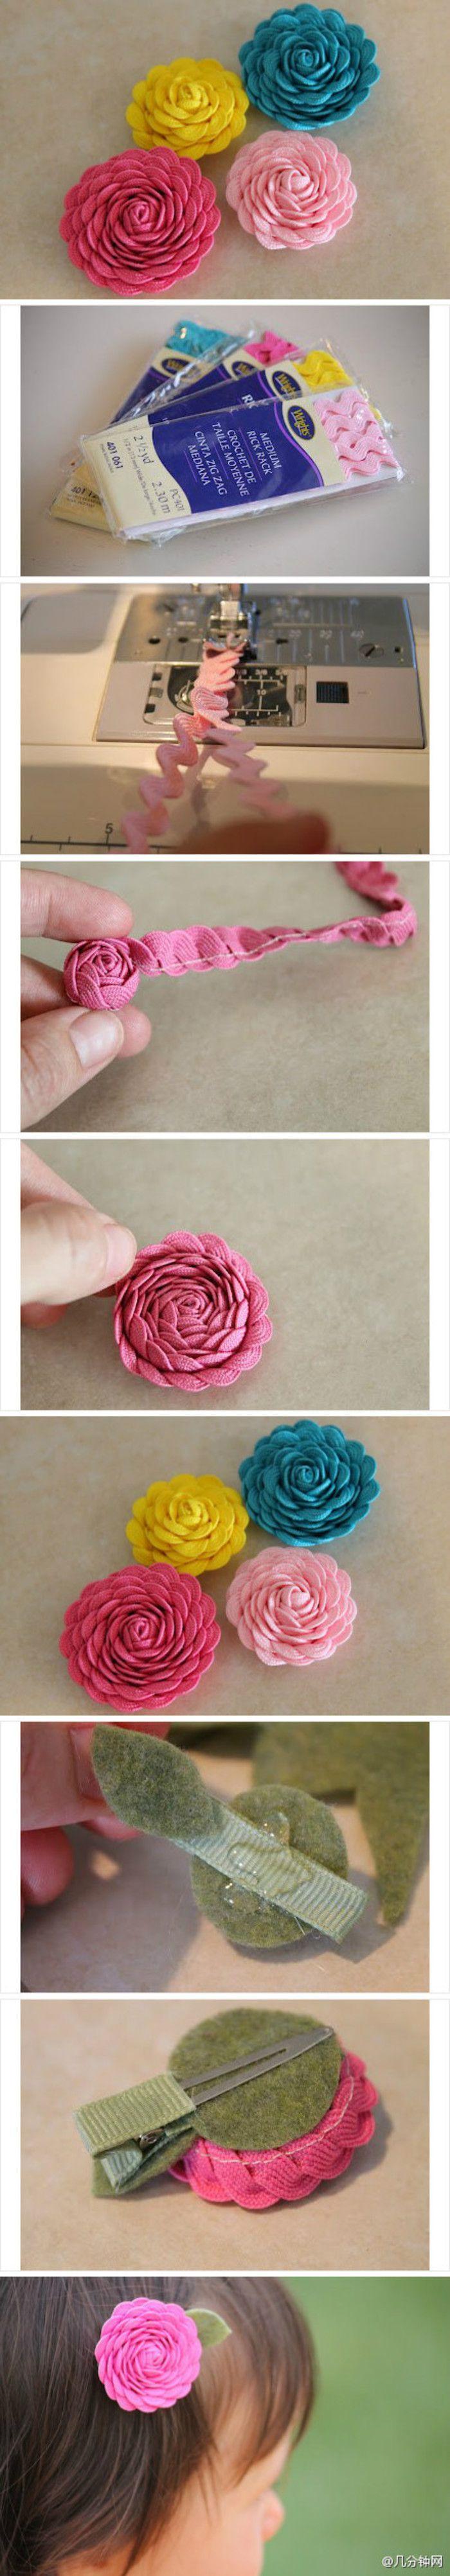 超简单花样发夹,卷一卷粘一粘就可以了,非常漂亮